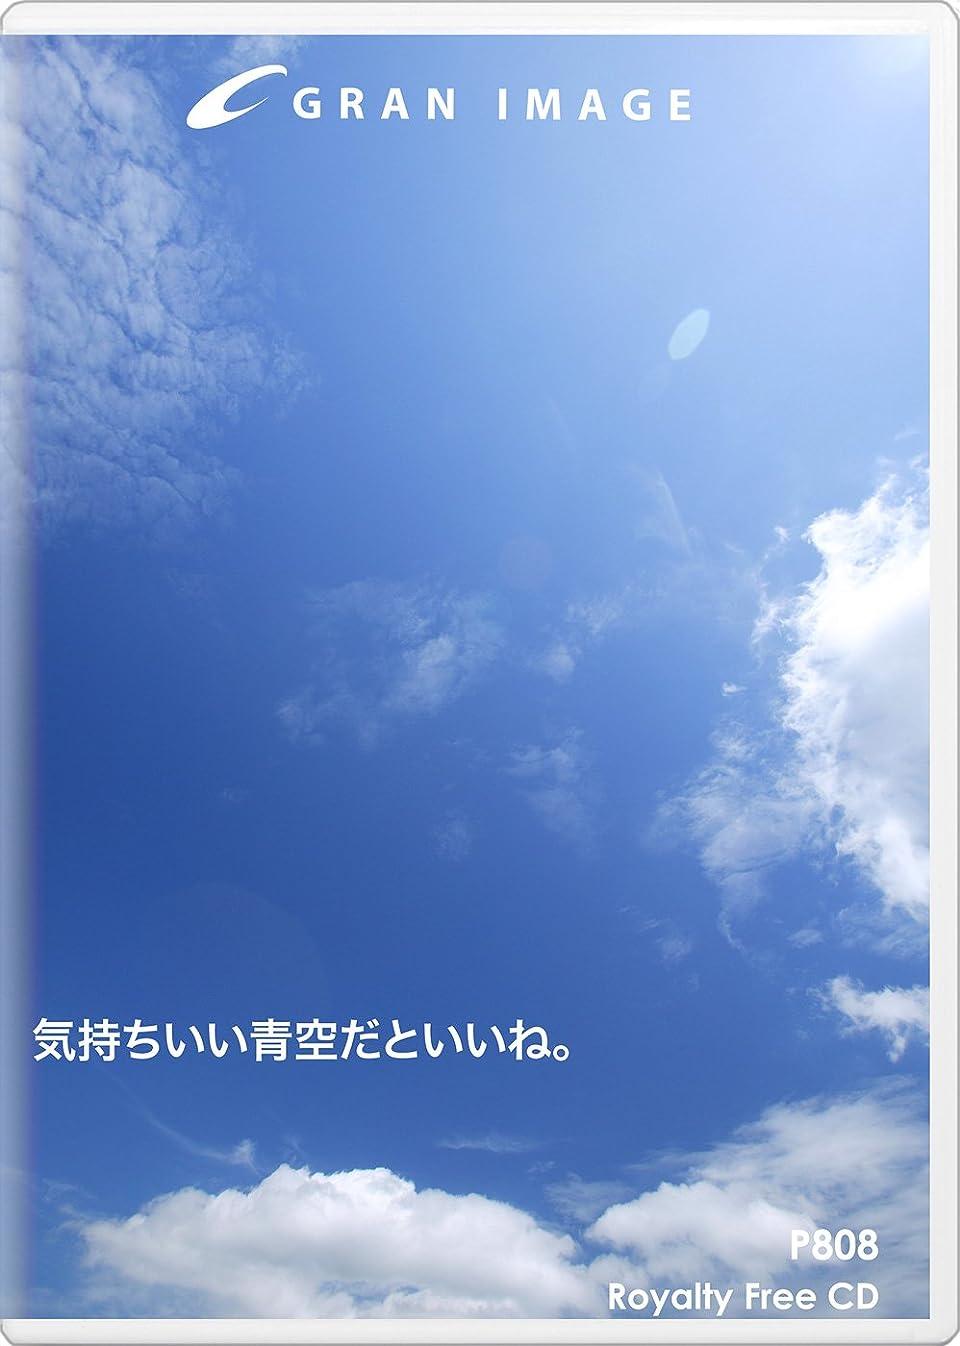 過激派方法論遺跡グランイメージ P808 気持ちいい青空だといいね。(ロイヤリティフリー写真素材集)